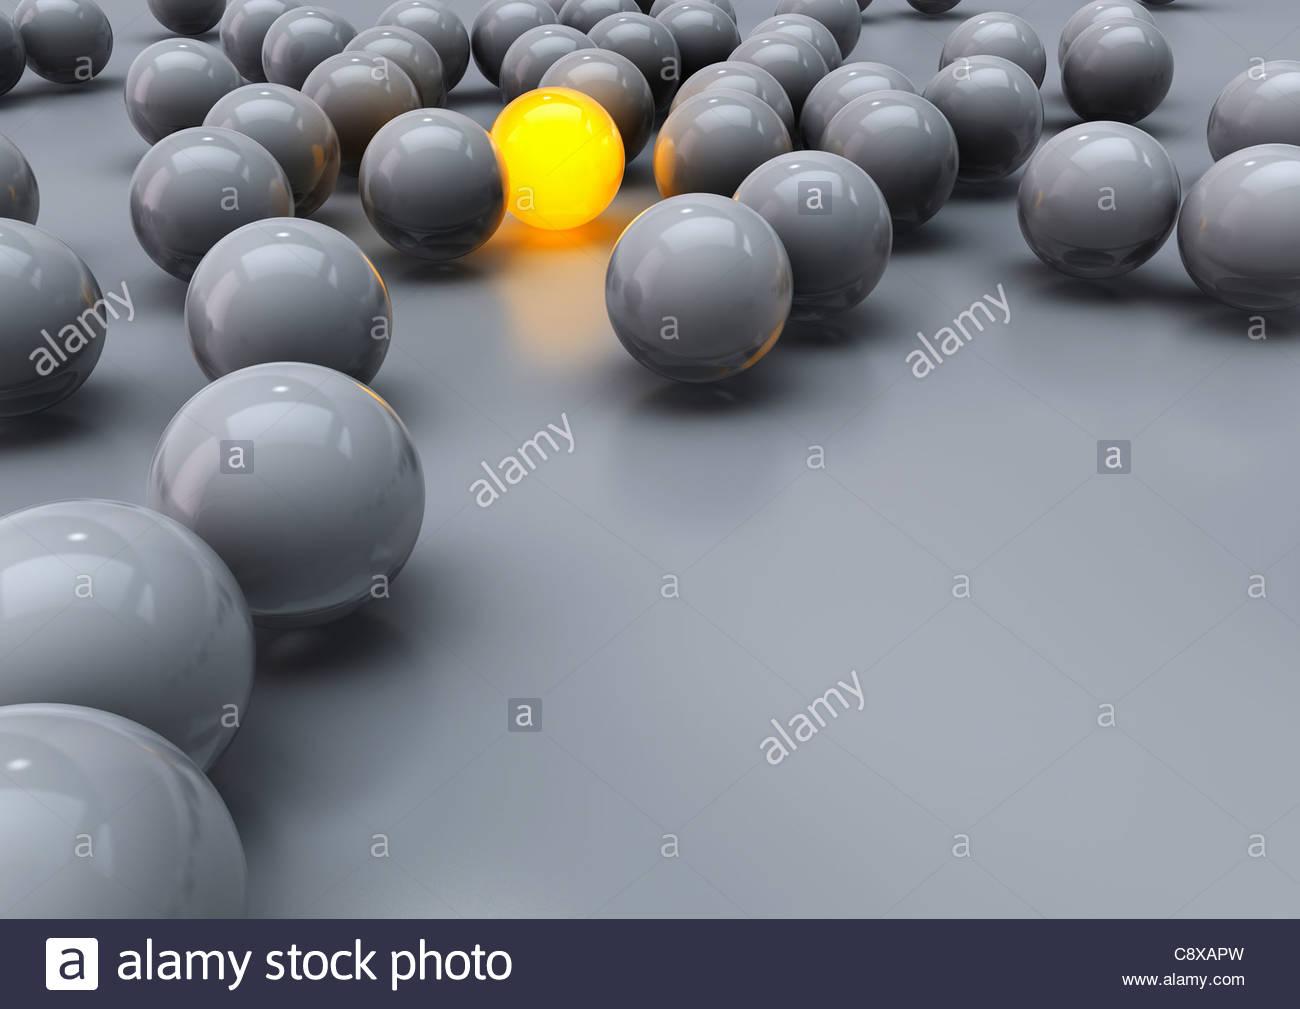 Bola amarilla brillante entre las bolas grises Imagen De Stock